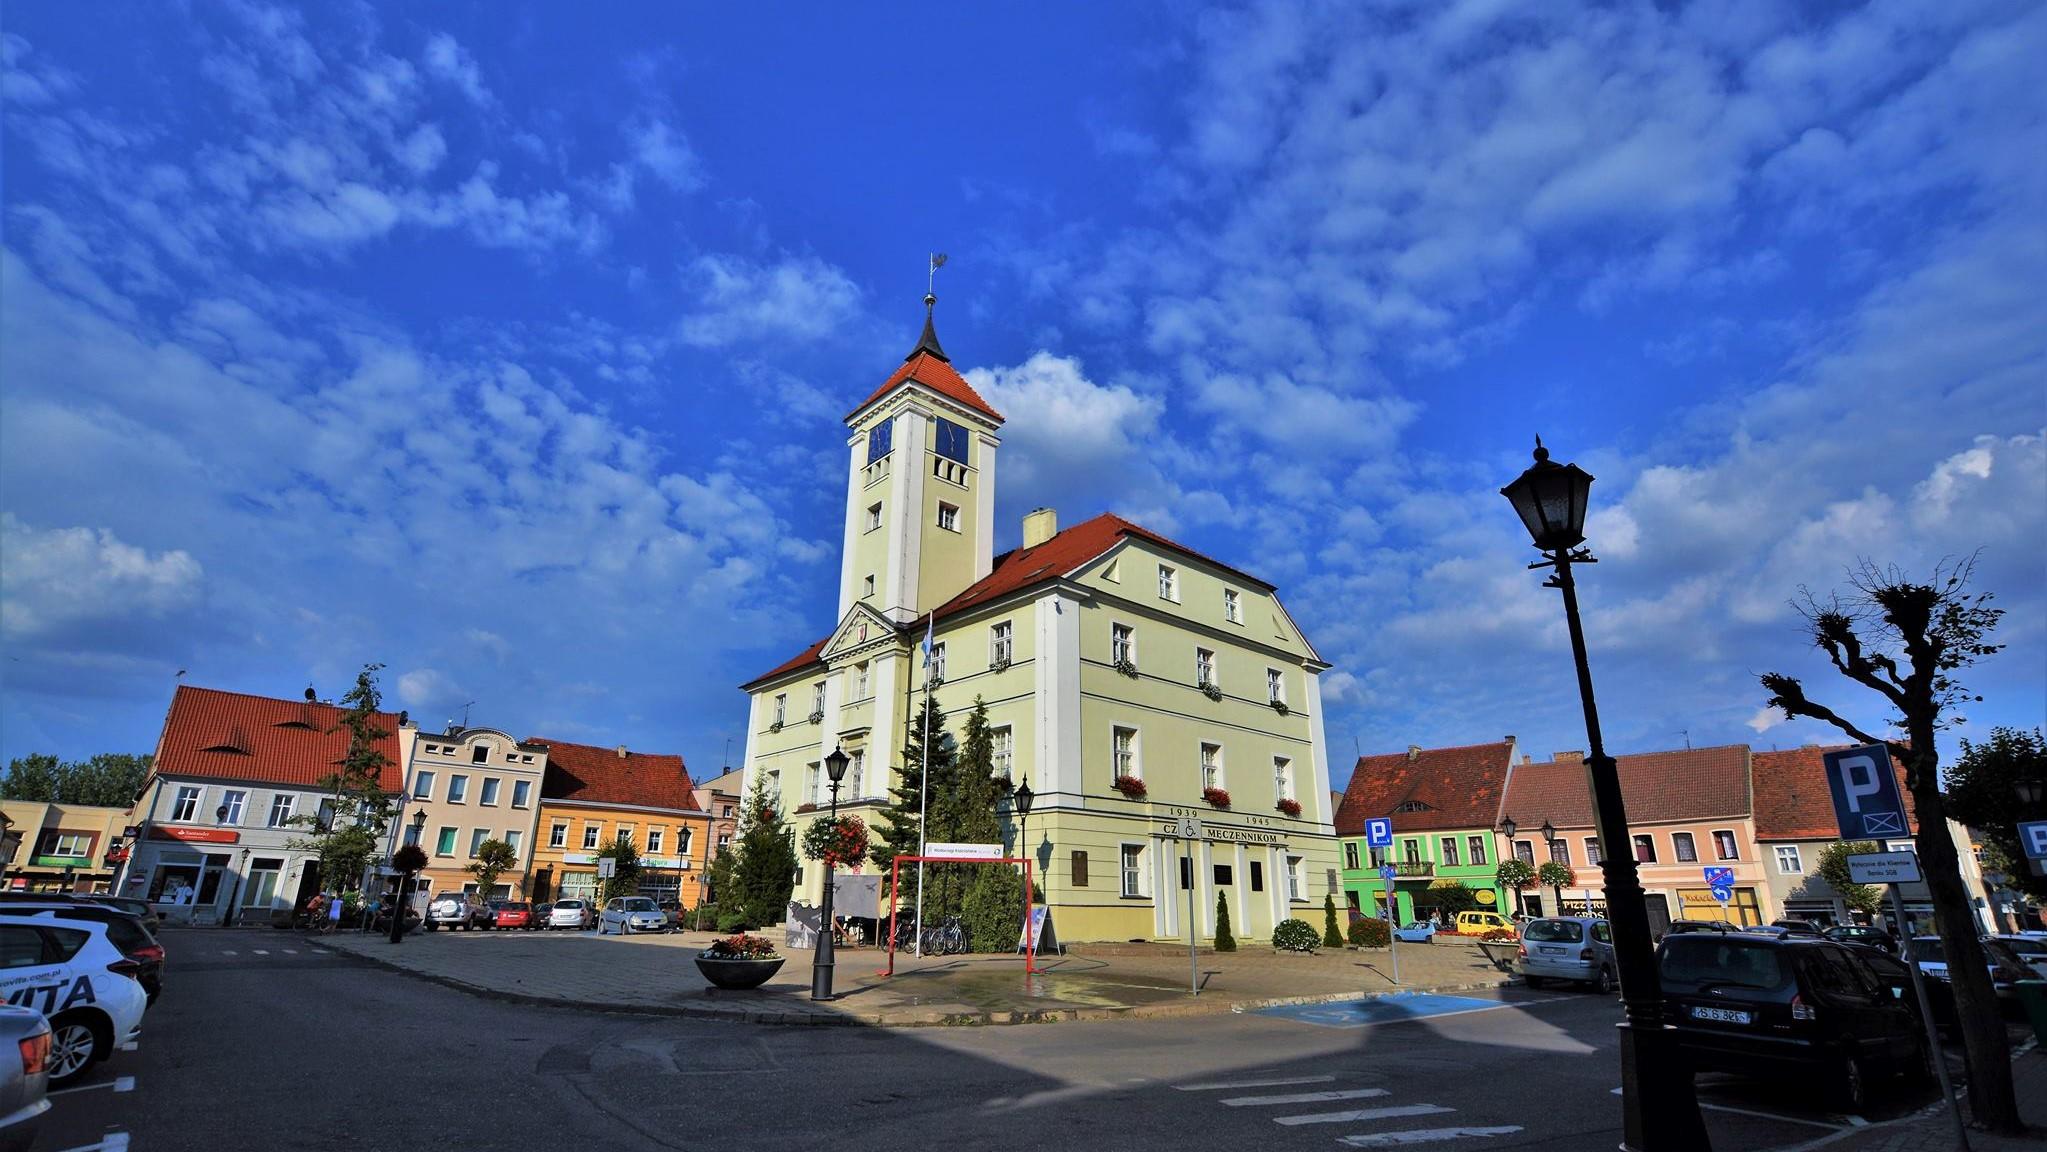 kościan rynek miasto - FB: Urząd Miejski Kościana